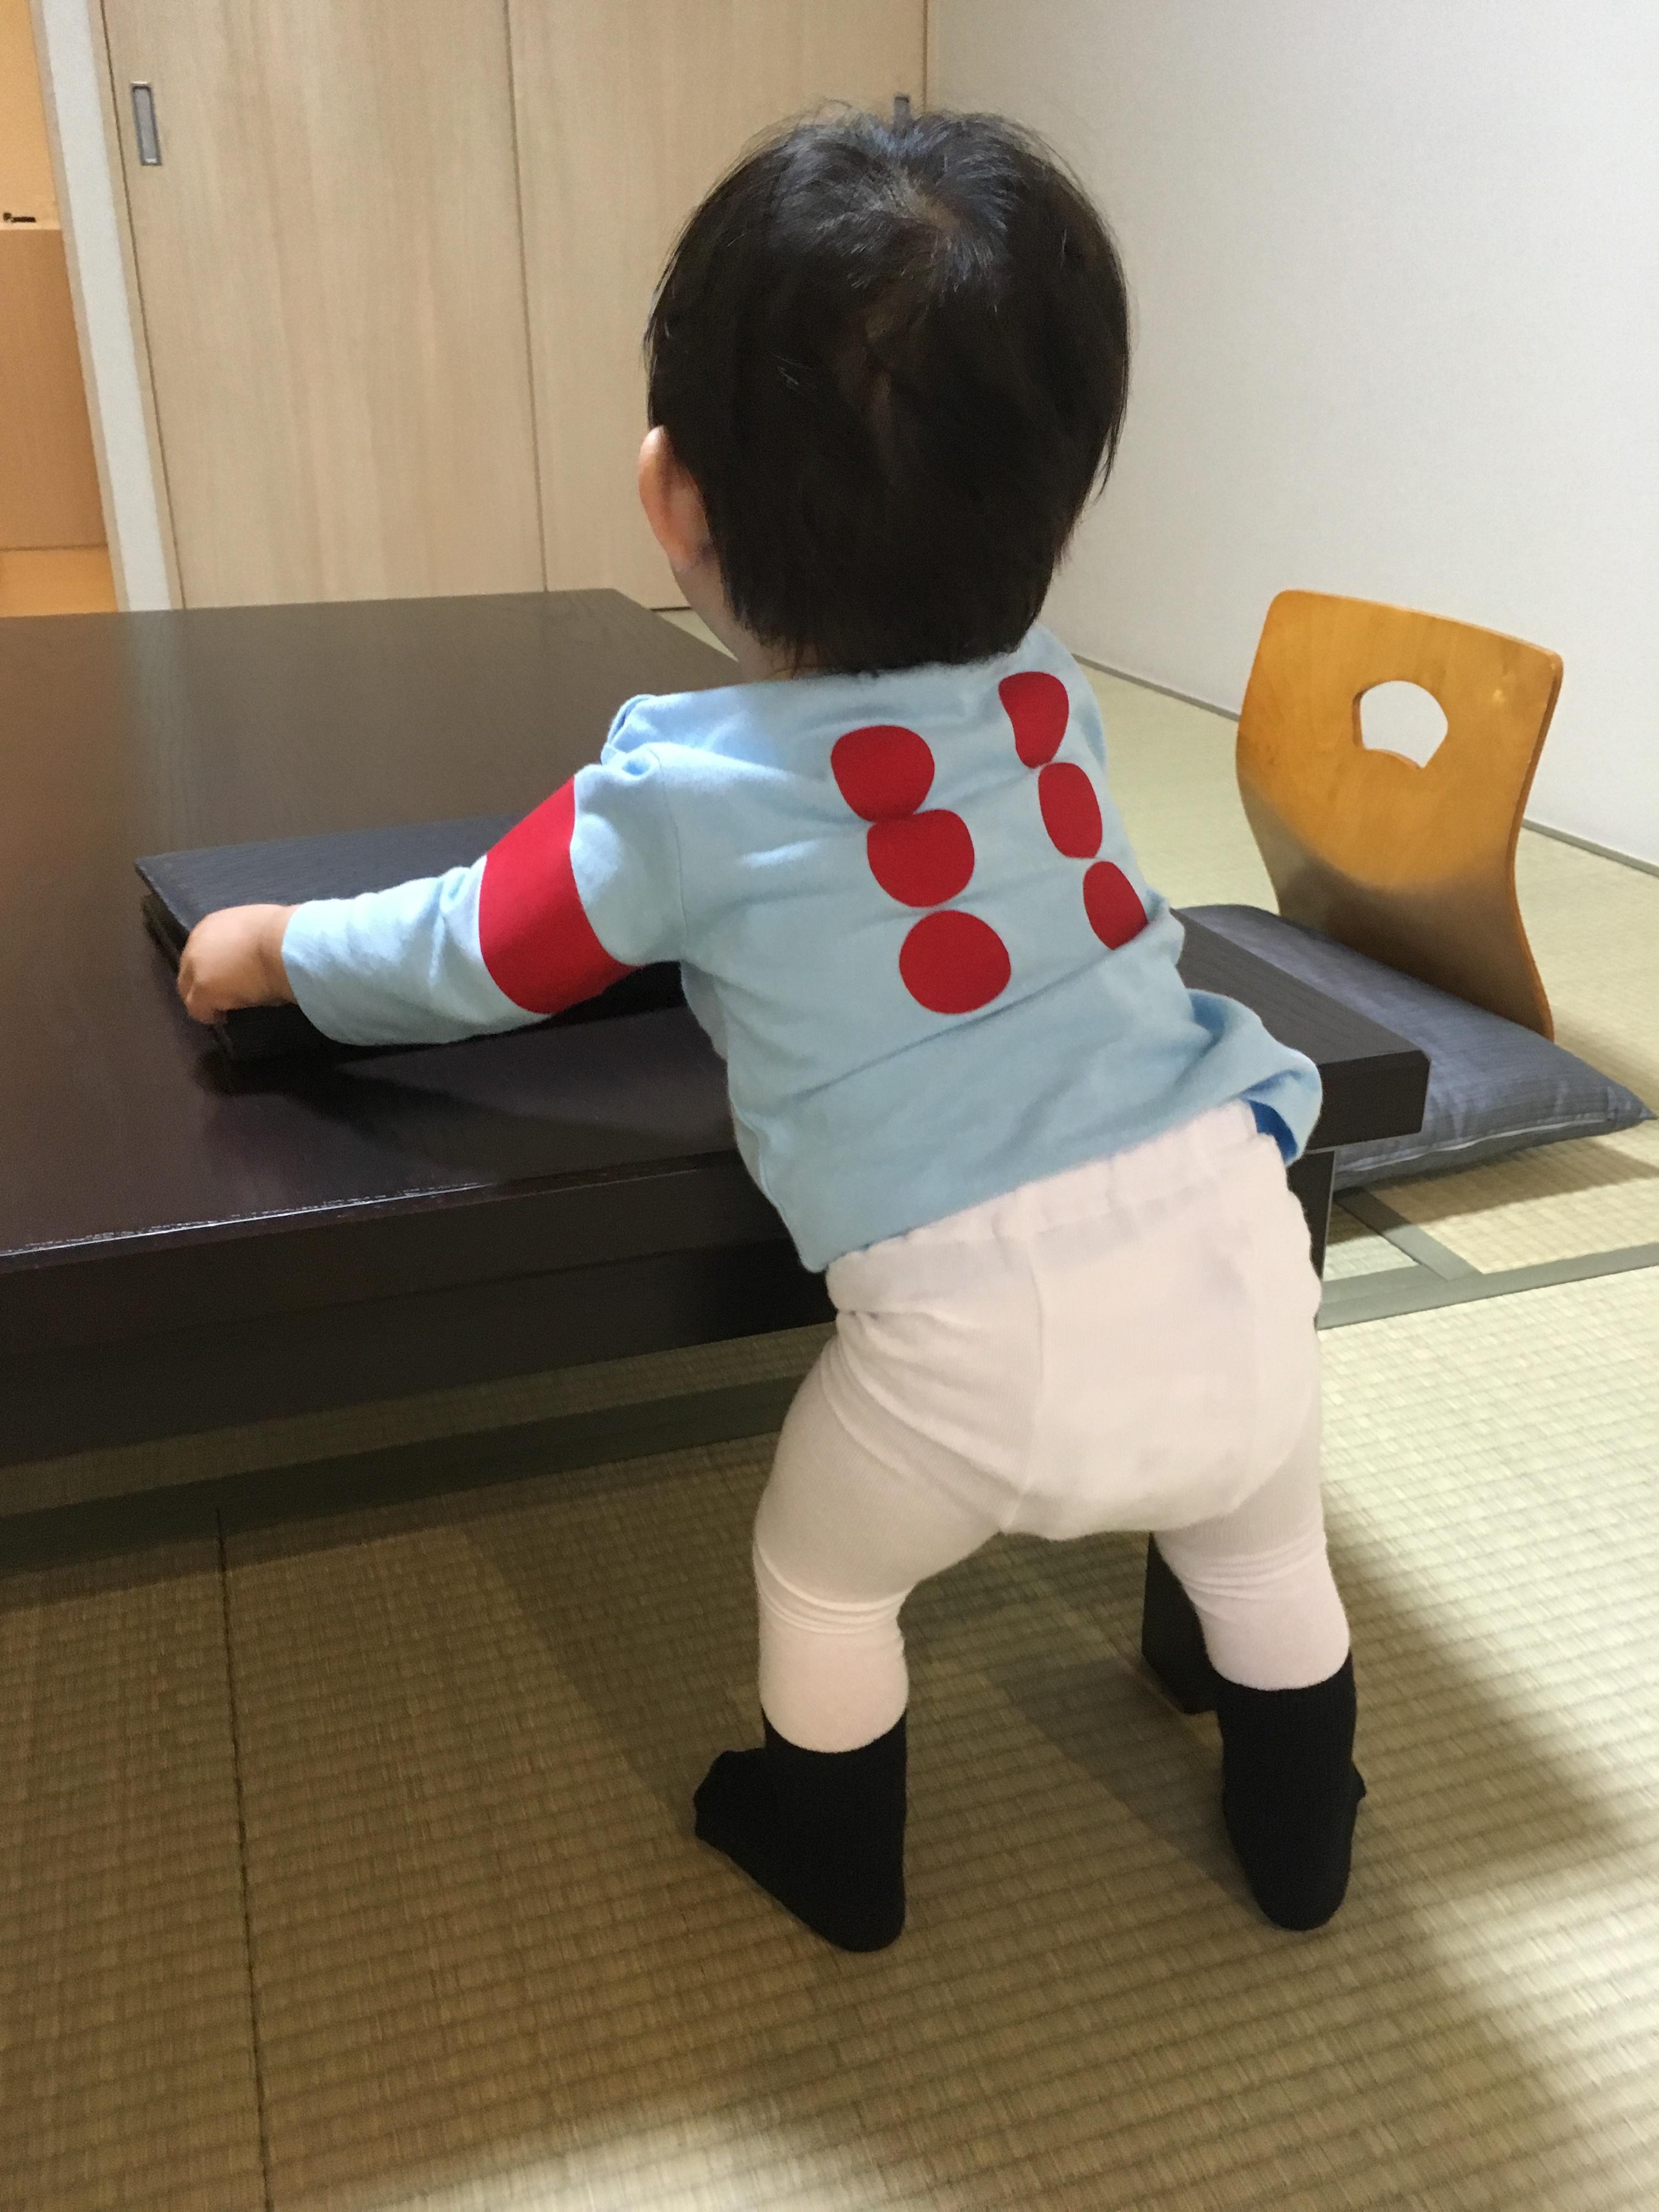 シルクレーシング キッズ勝負服80サイズ ホテルの部屋にて.JPG